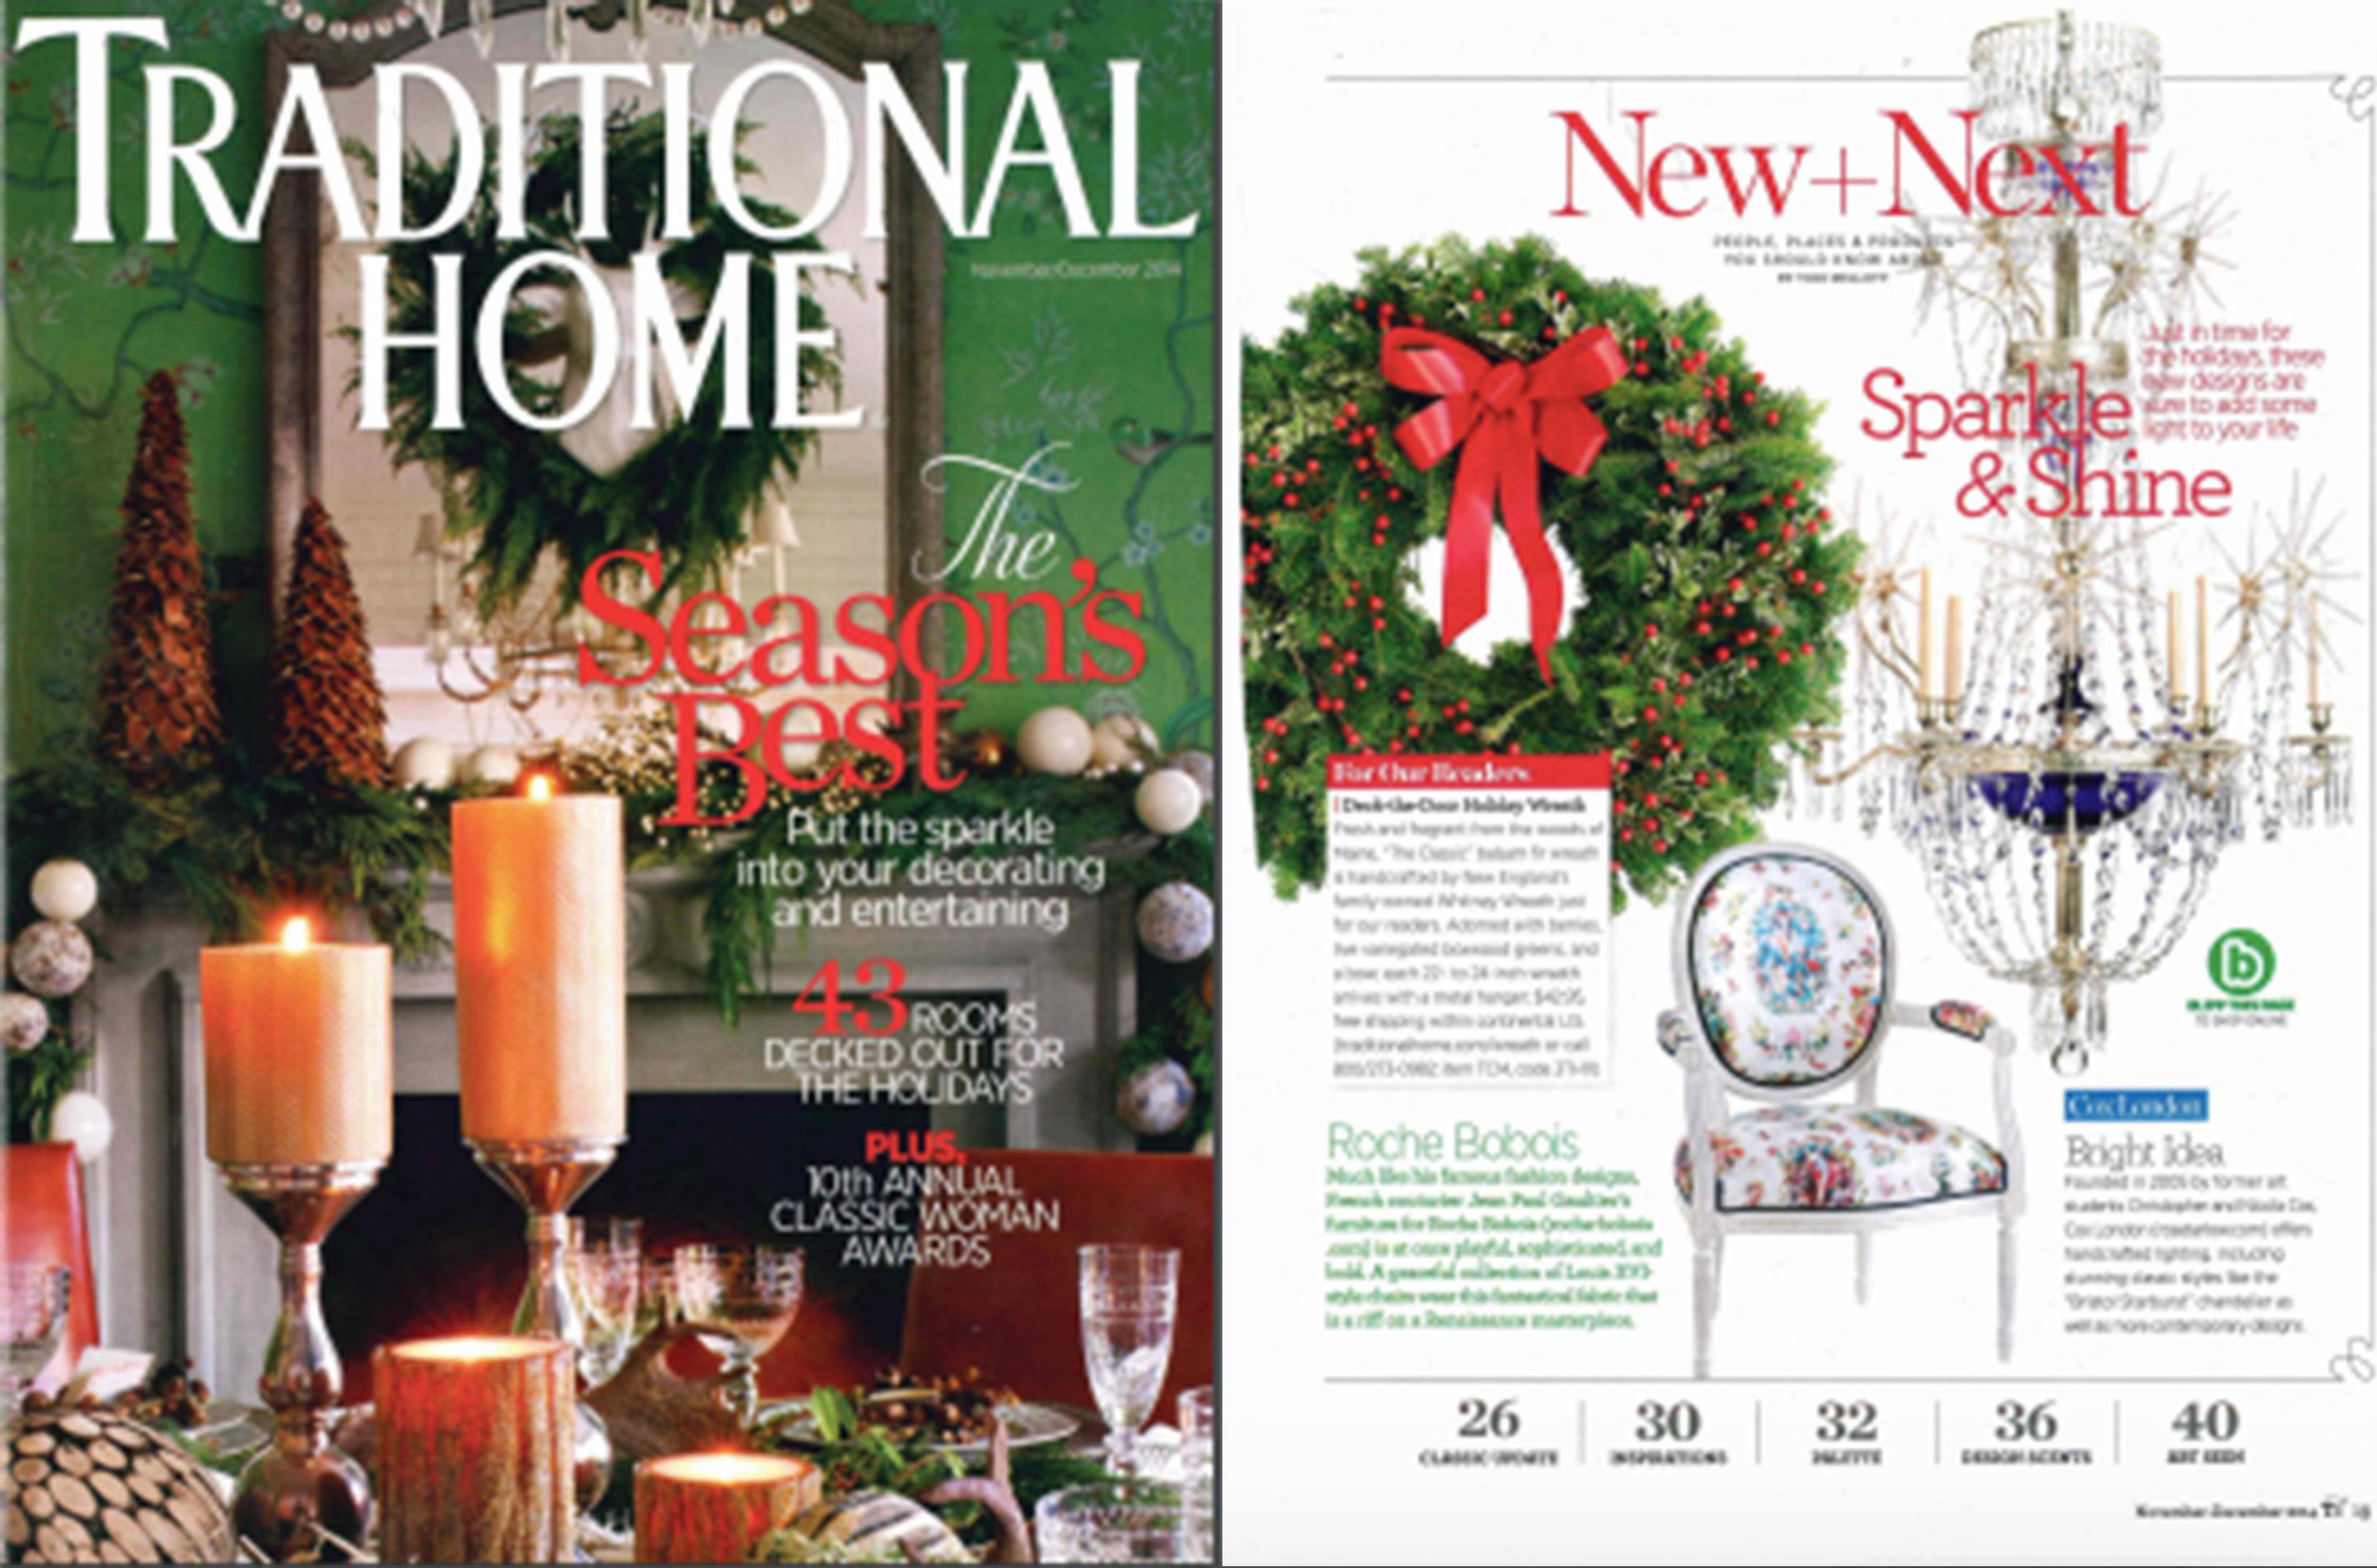 Traditional Home | Nov/Dec 2014